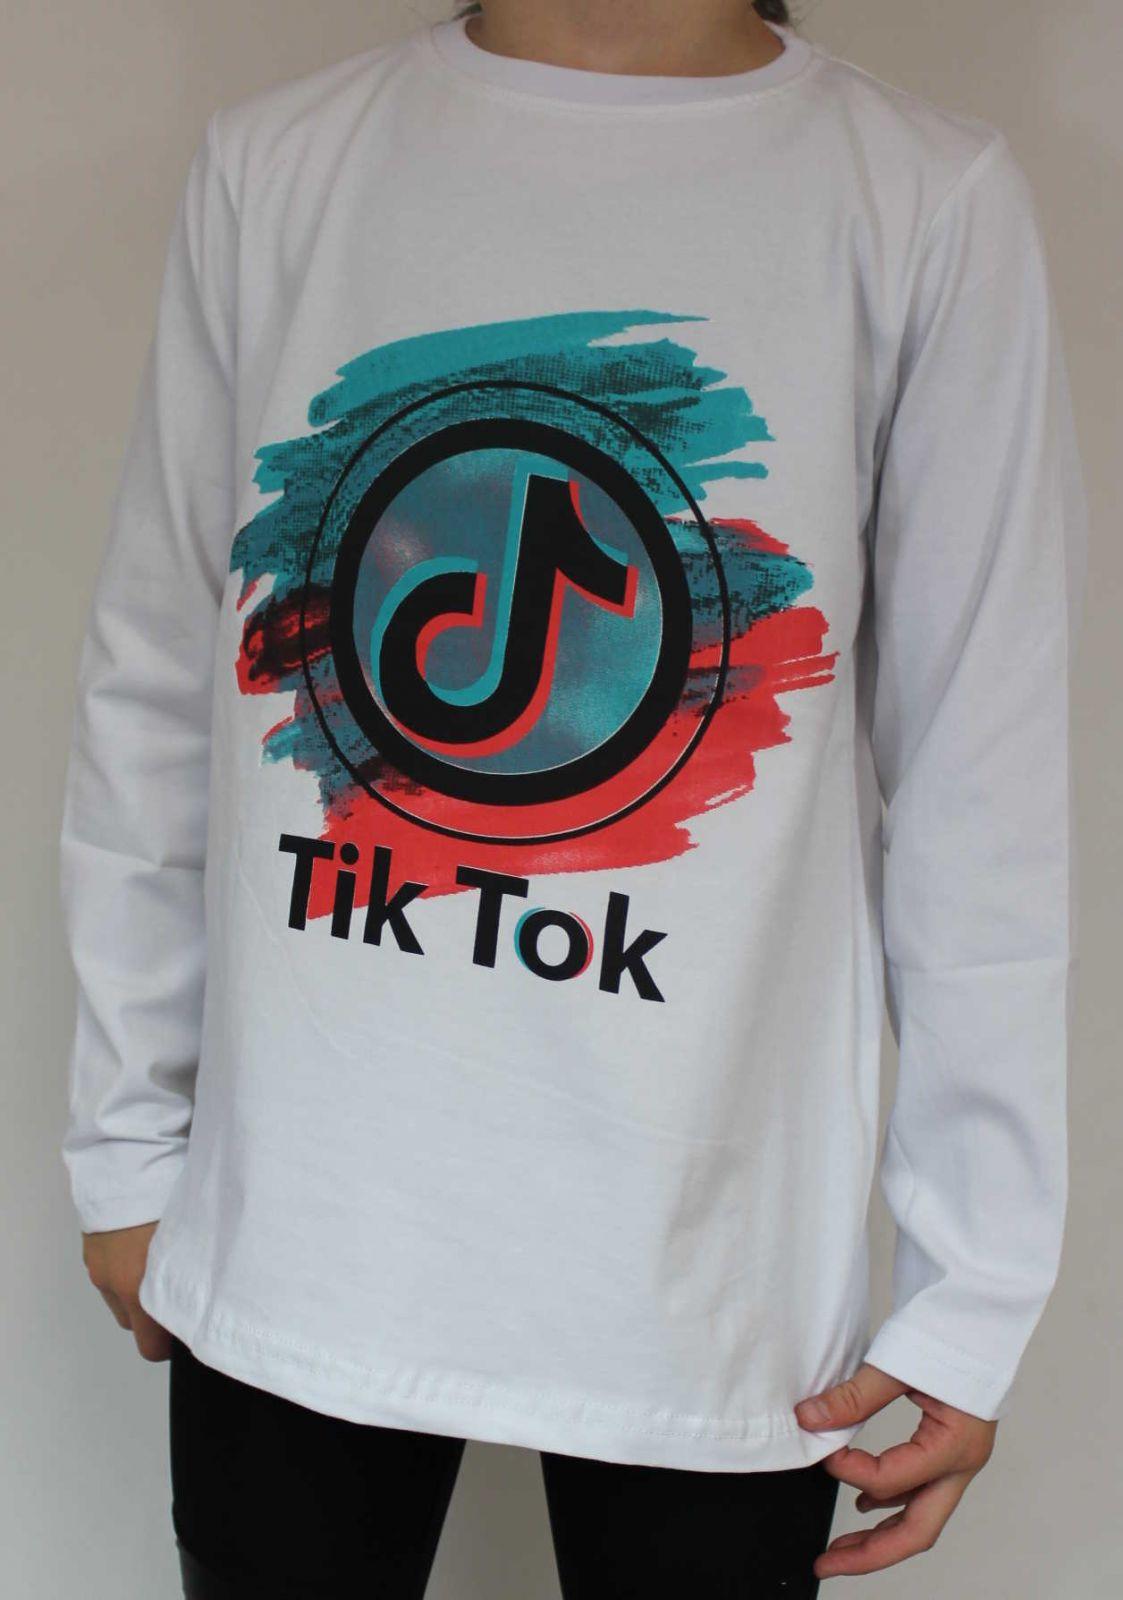 Tik Tok tričko, Tik Tok bílé tričko, triko dlouhý rukáv Tik Tok, bavlněné tričko Tik Tok, dívčí tričko TIK TOK, chlapecké tričko Tik Tok